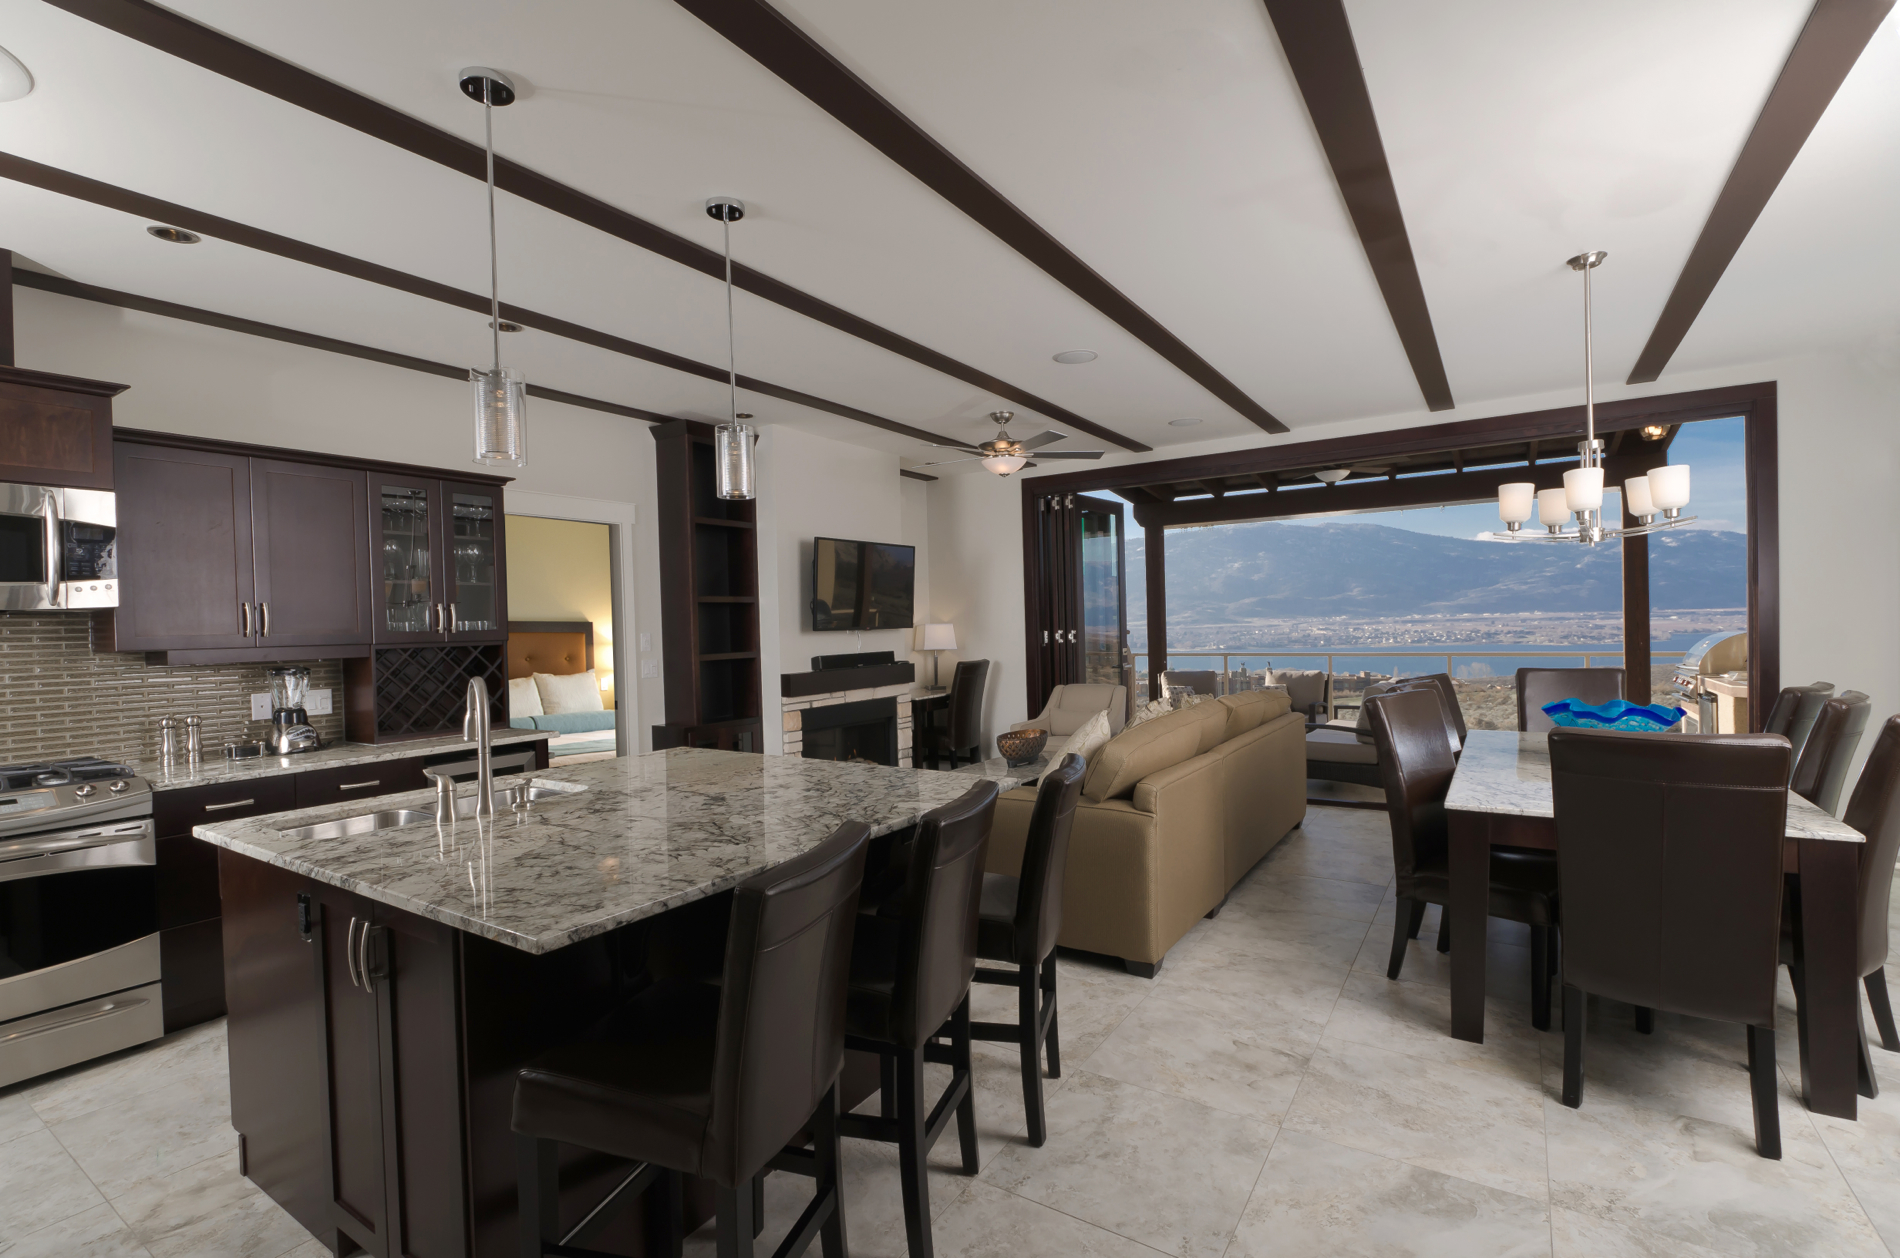 Dining - spirit ridge residences - web.jpg